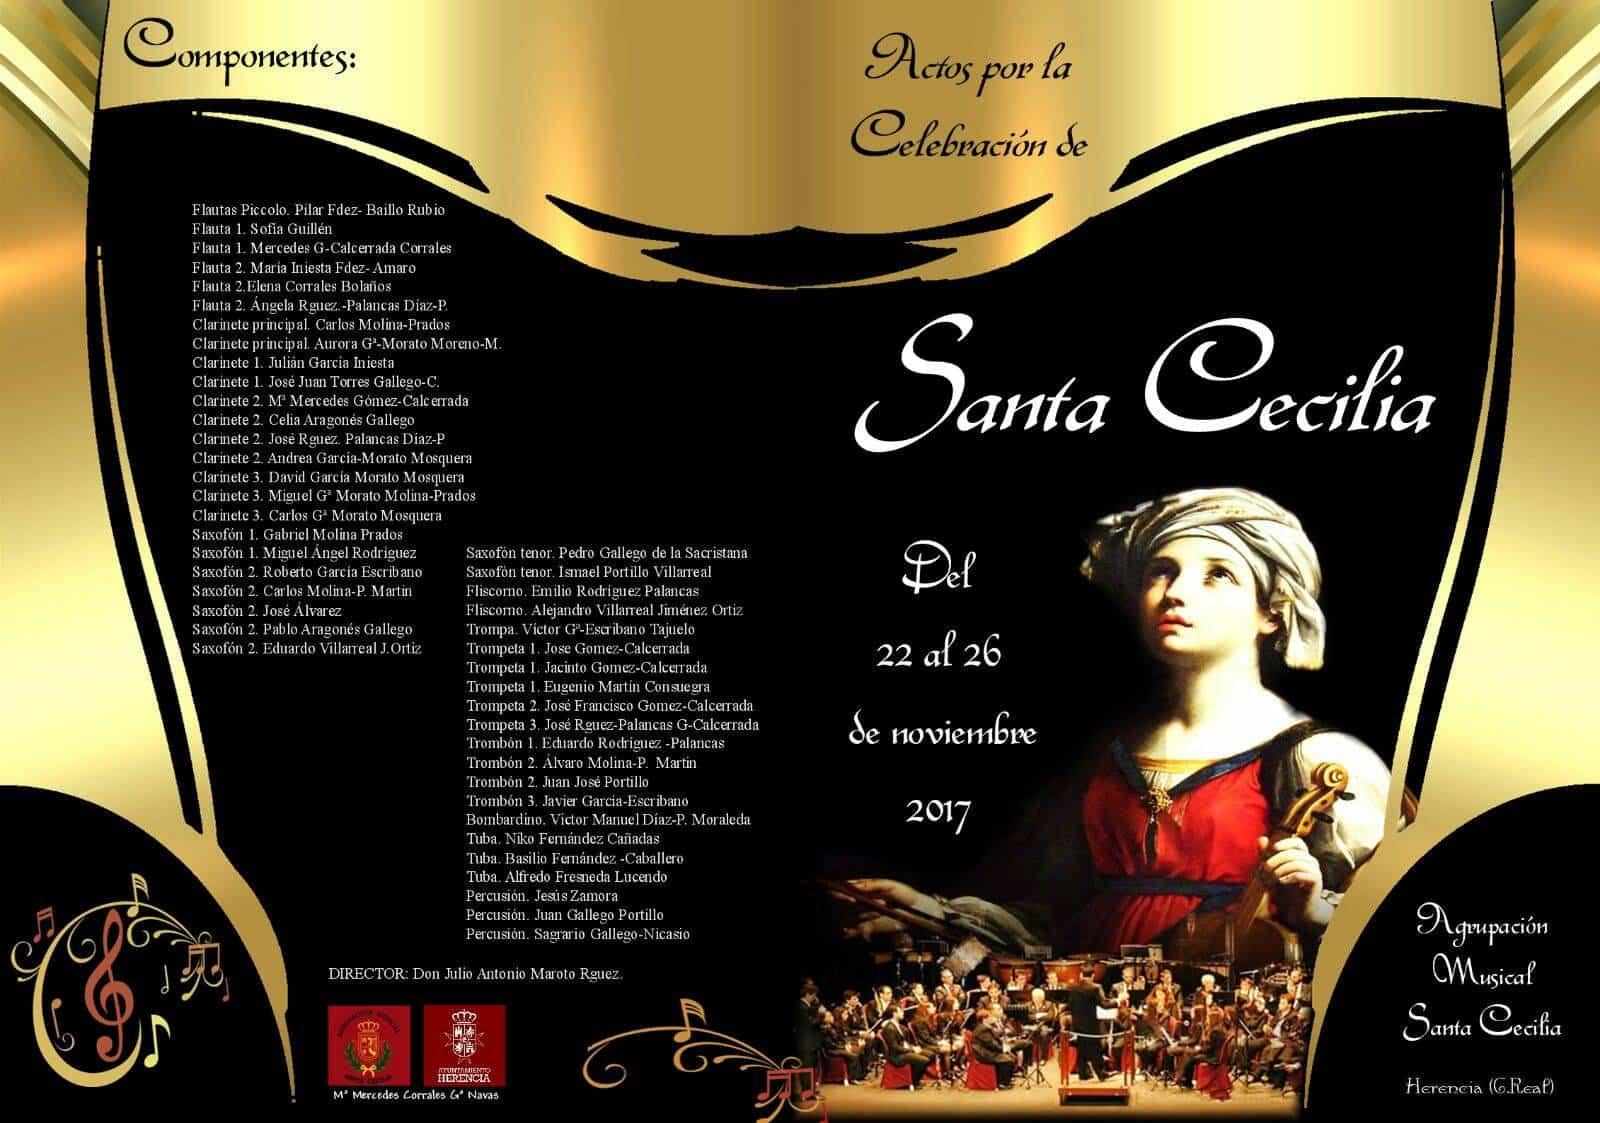 Actos de la Banda de Música en homenaje a Santa Cecilia 7